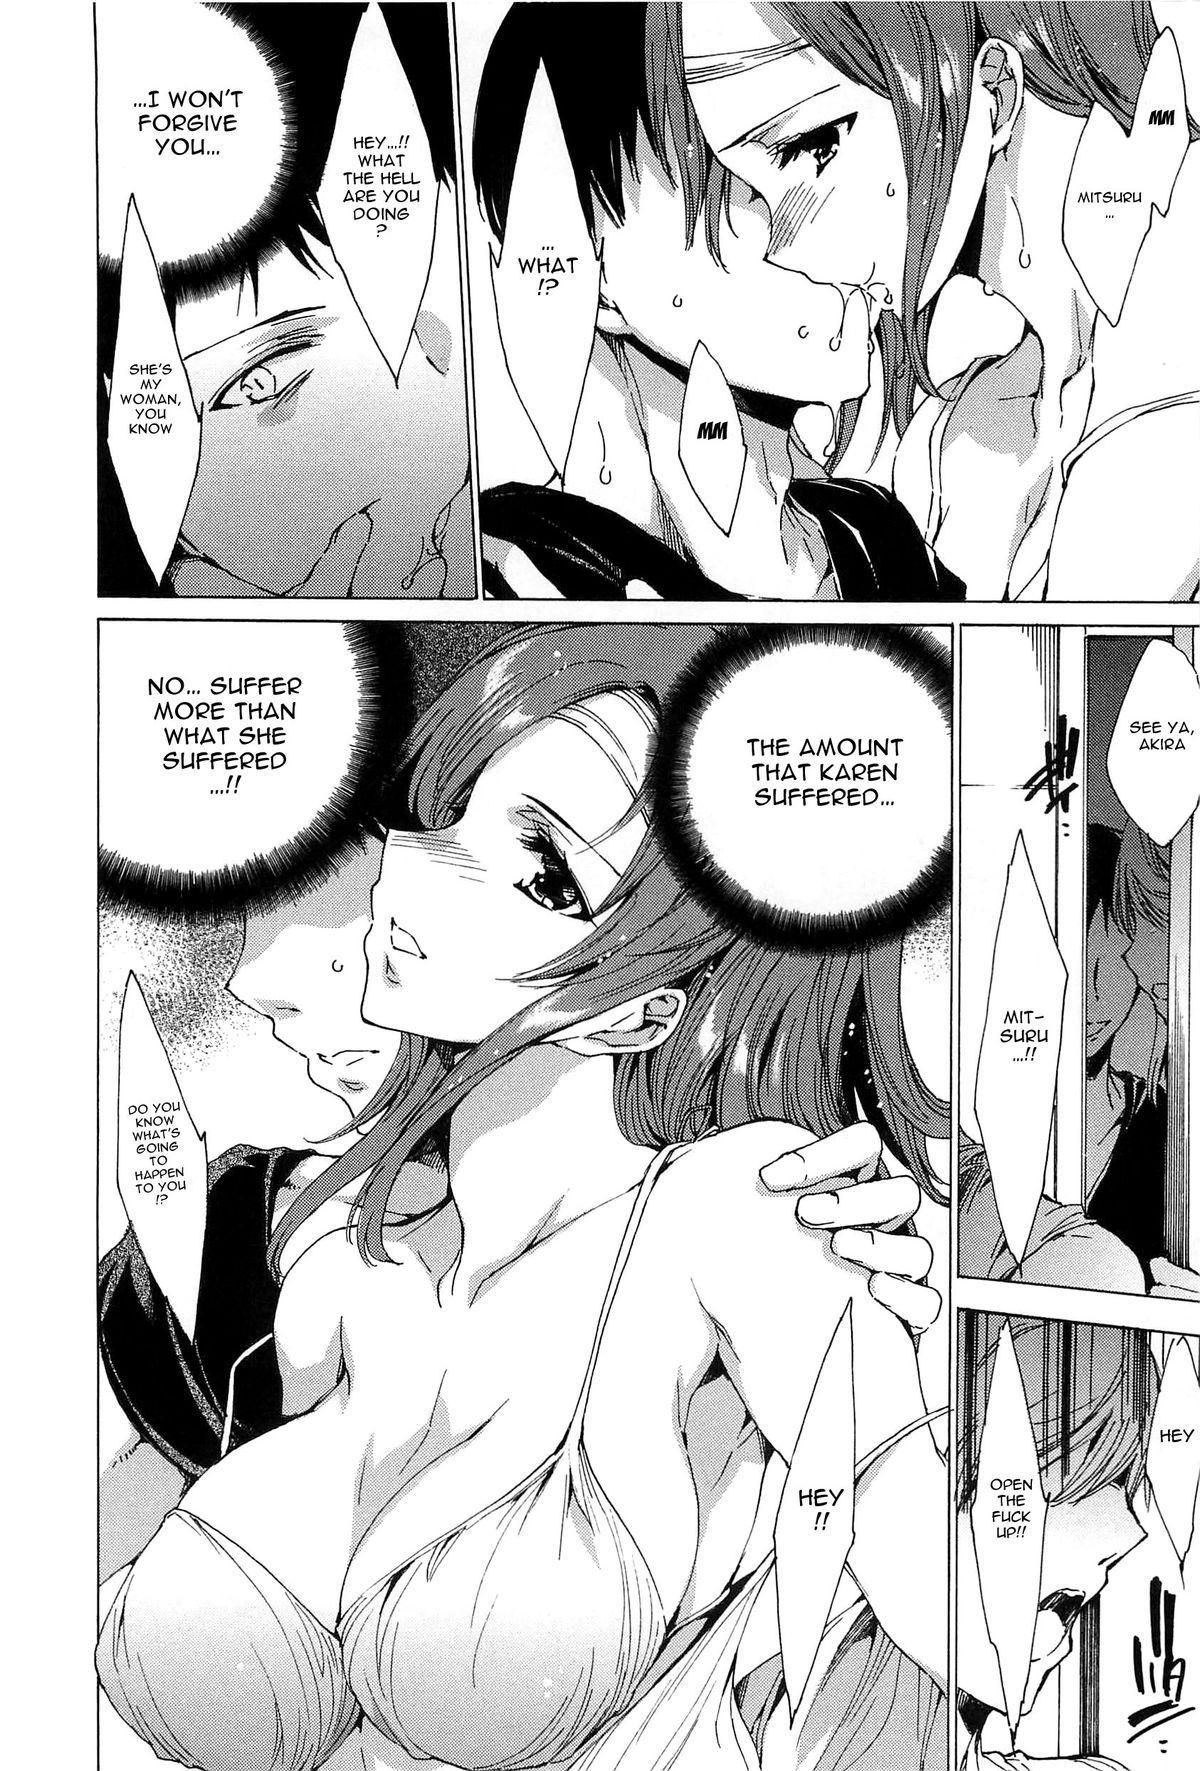 [Yuiga Naoha] Nikuyoku Rensa - NTR Kanojo   Chains of Lust - NTR Girlfriend [English] {doujin-moe.us} 47